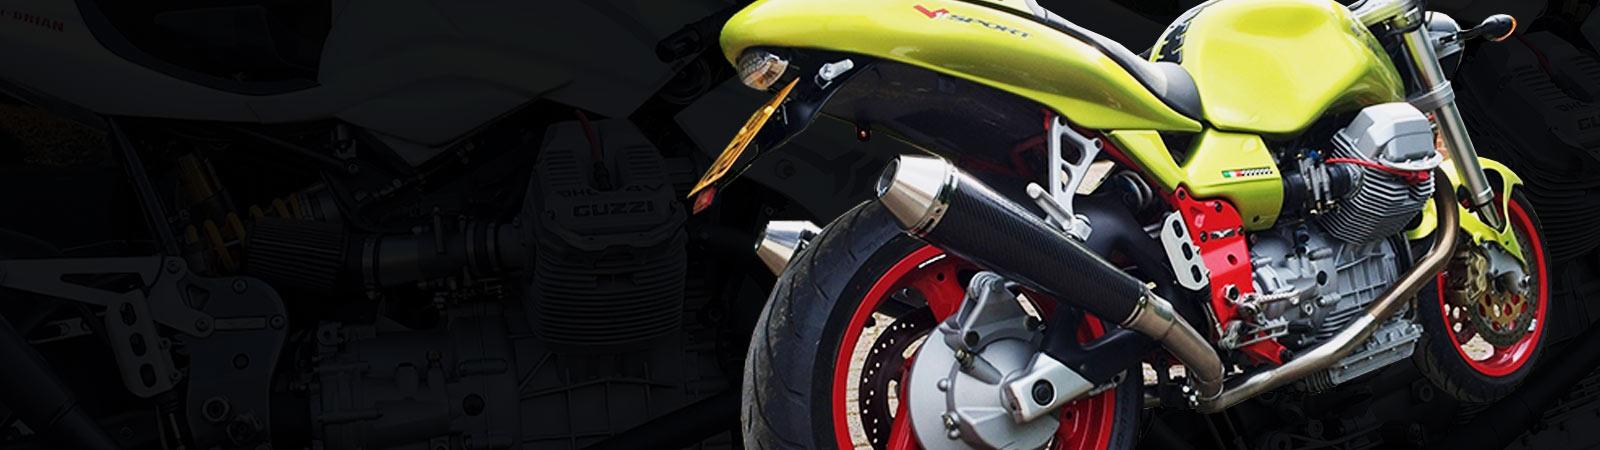 mistral special parts moto